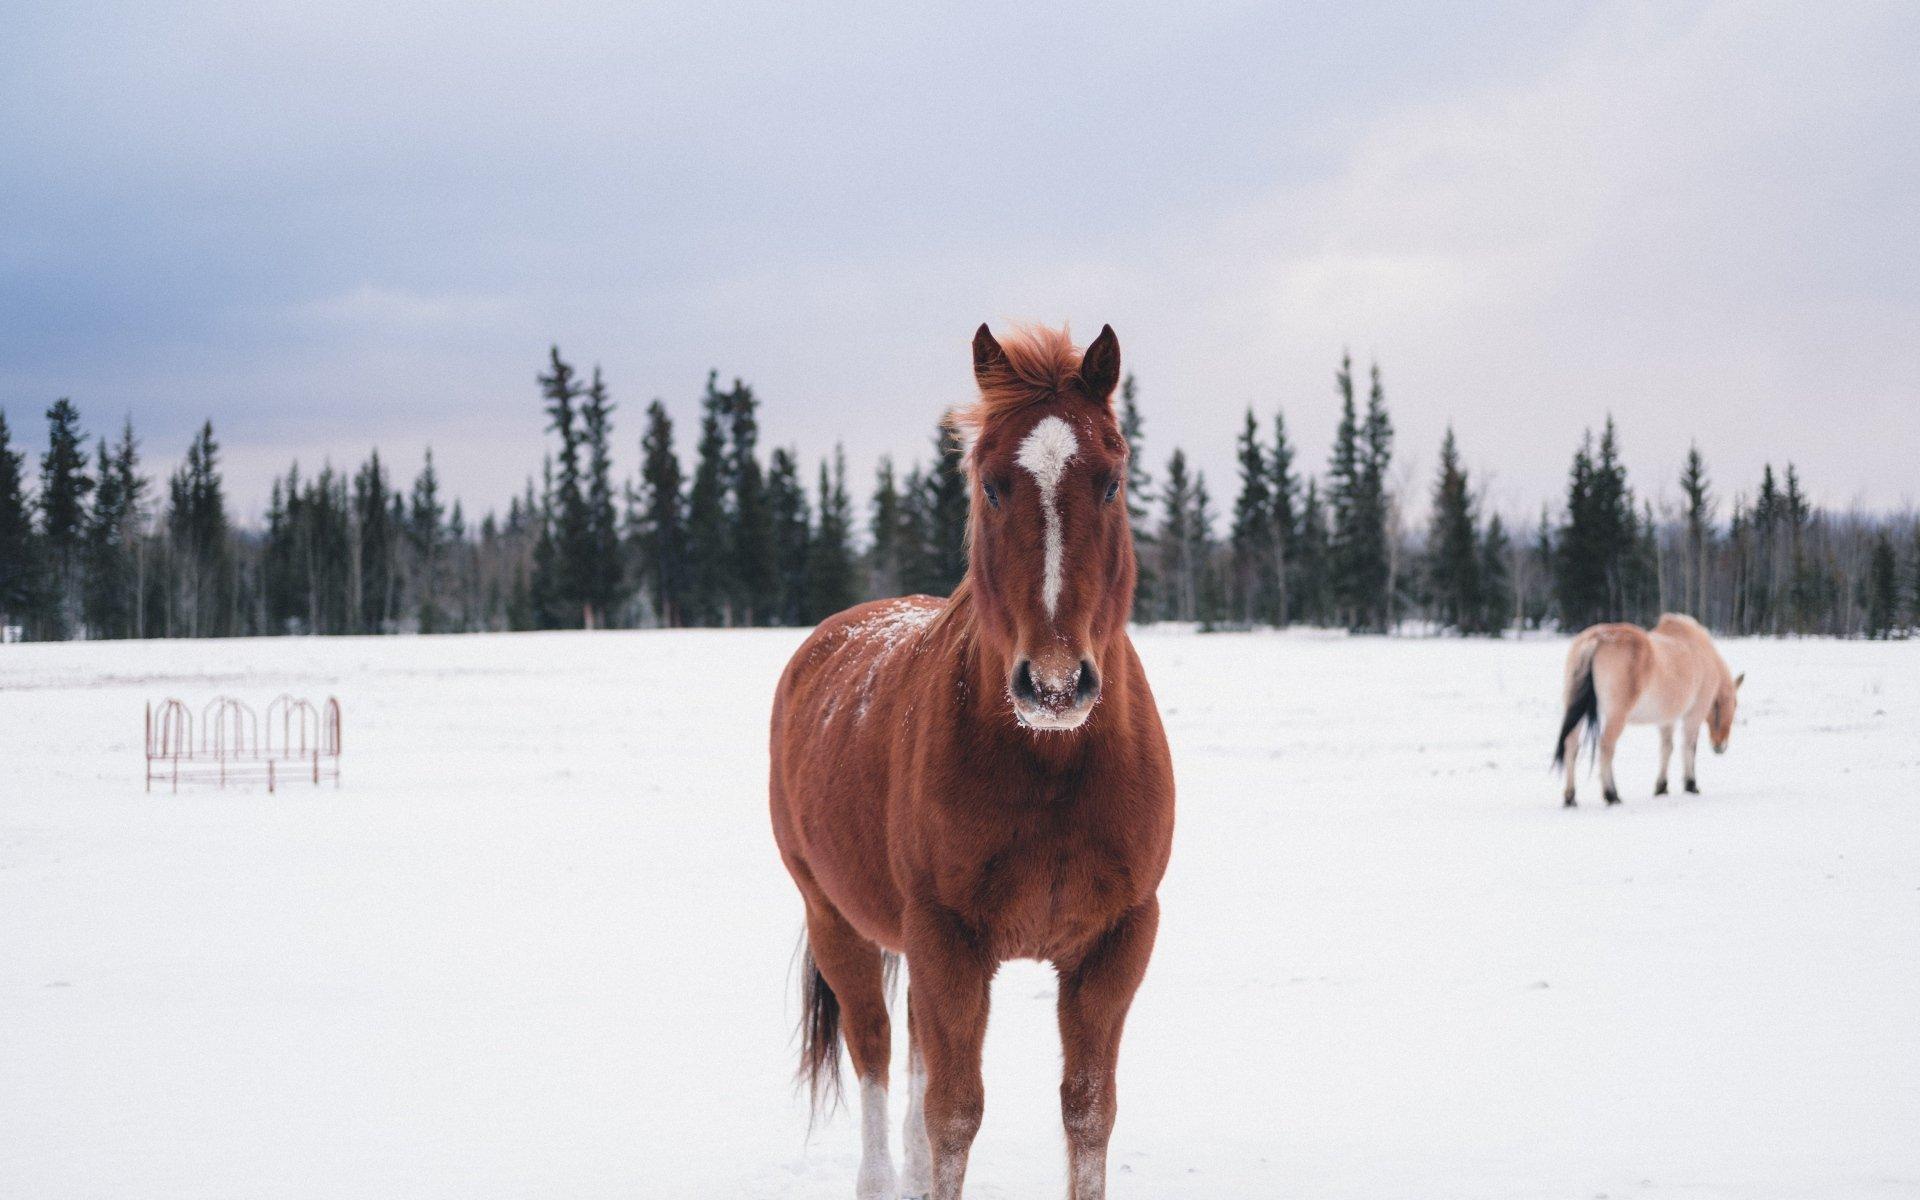 лошадь, зима, конь, снег, животные, лес, full hd обои